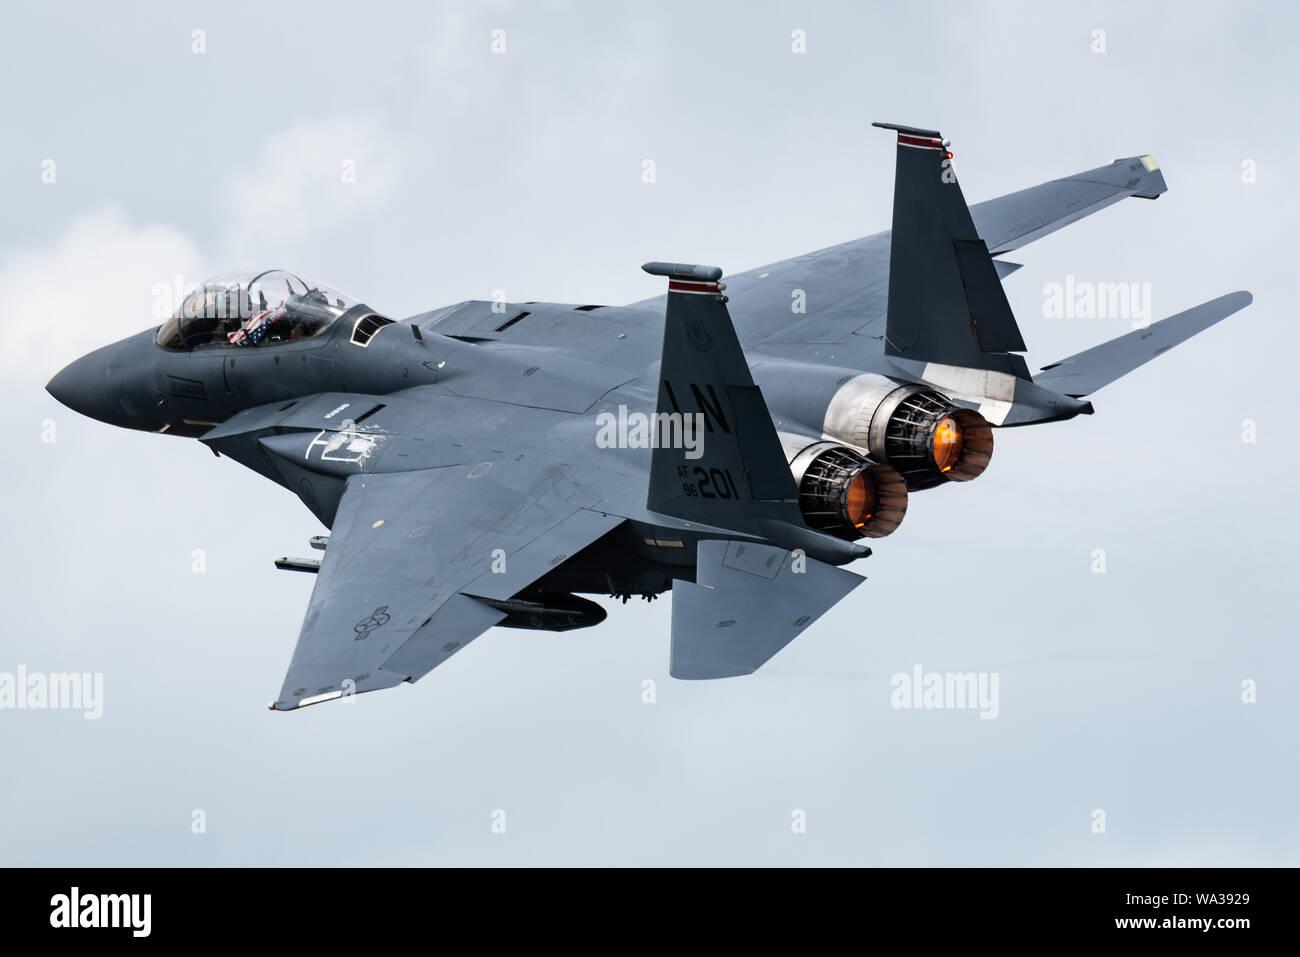 Un McDonnell Douglas F-15E Strike Eagle jet de combat polyvalent à partir de la 48e Escadre de chasse de l'United States Air Force (USAF). Banque D'Images